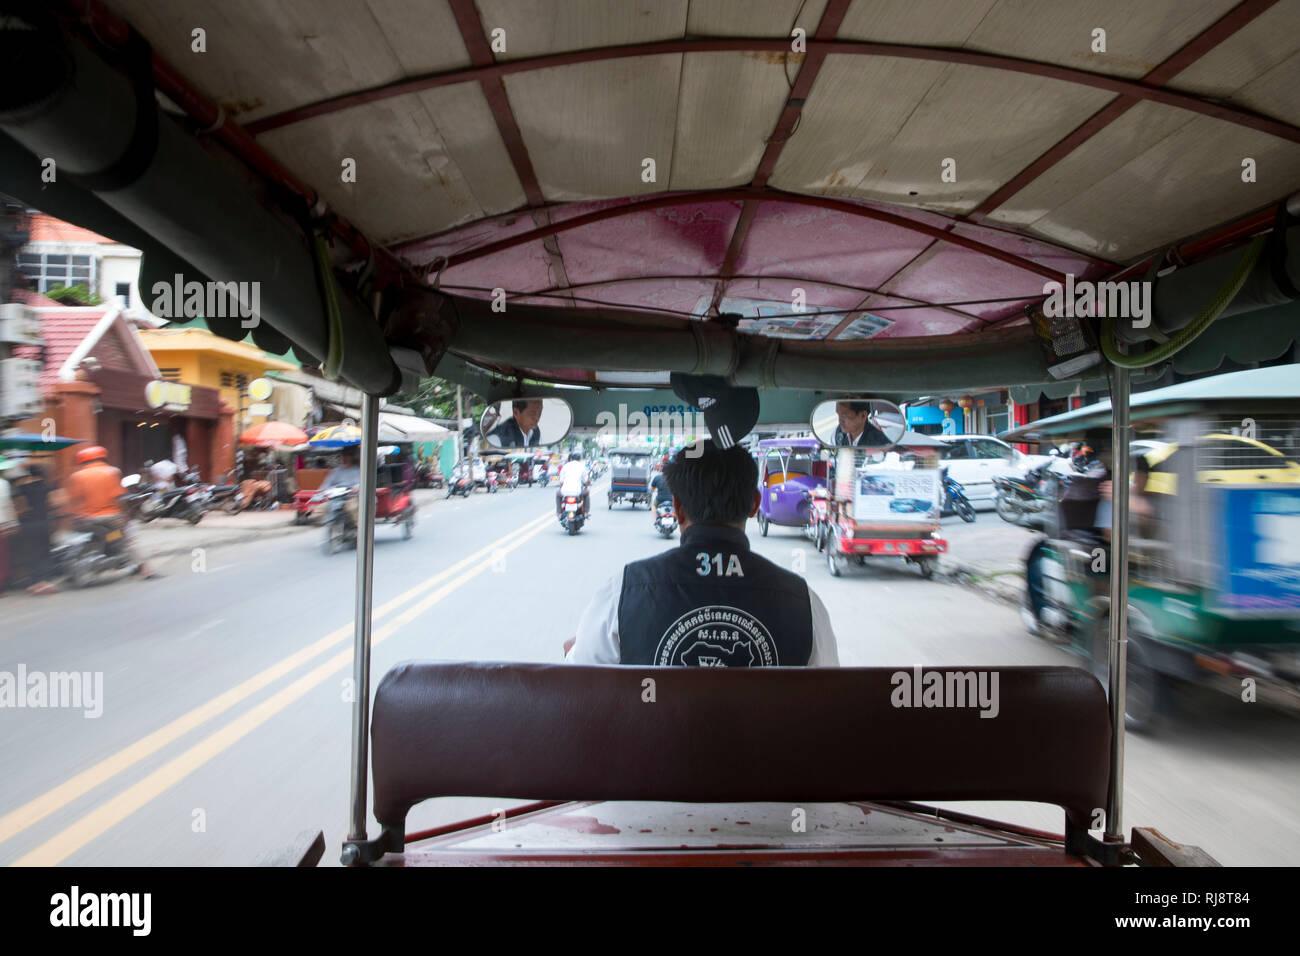 Kambodscha, Phnom Penh, Straßenszene, Fahrt in einem Tuk Tuk Taxi Stock Photo